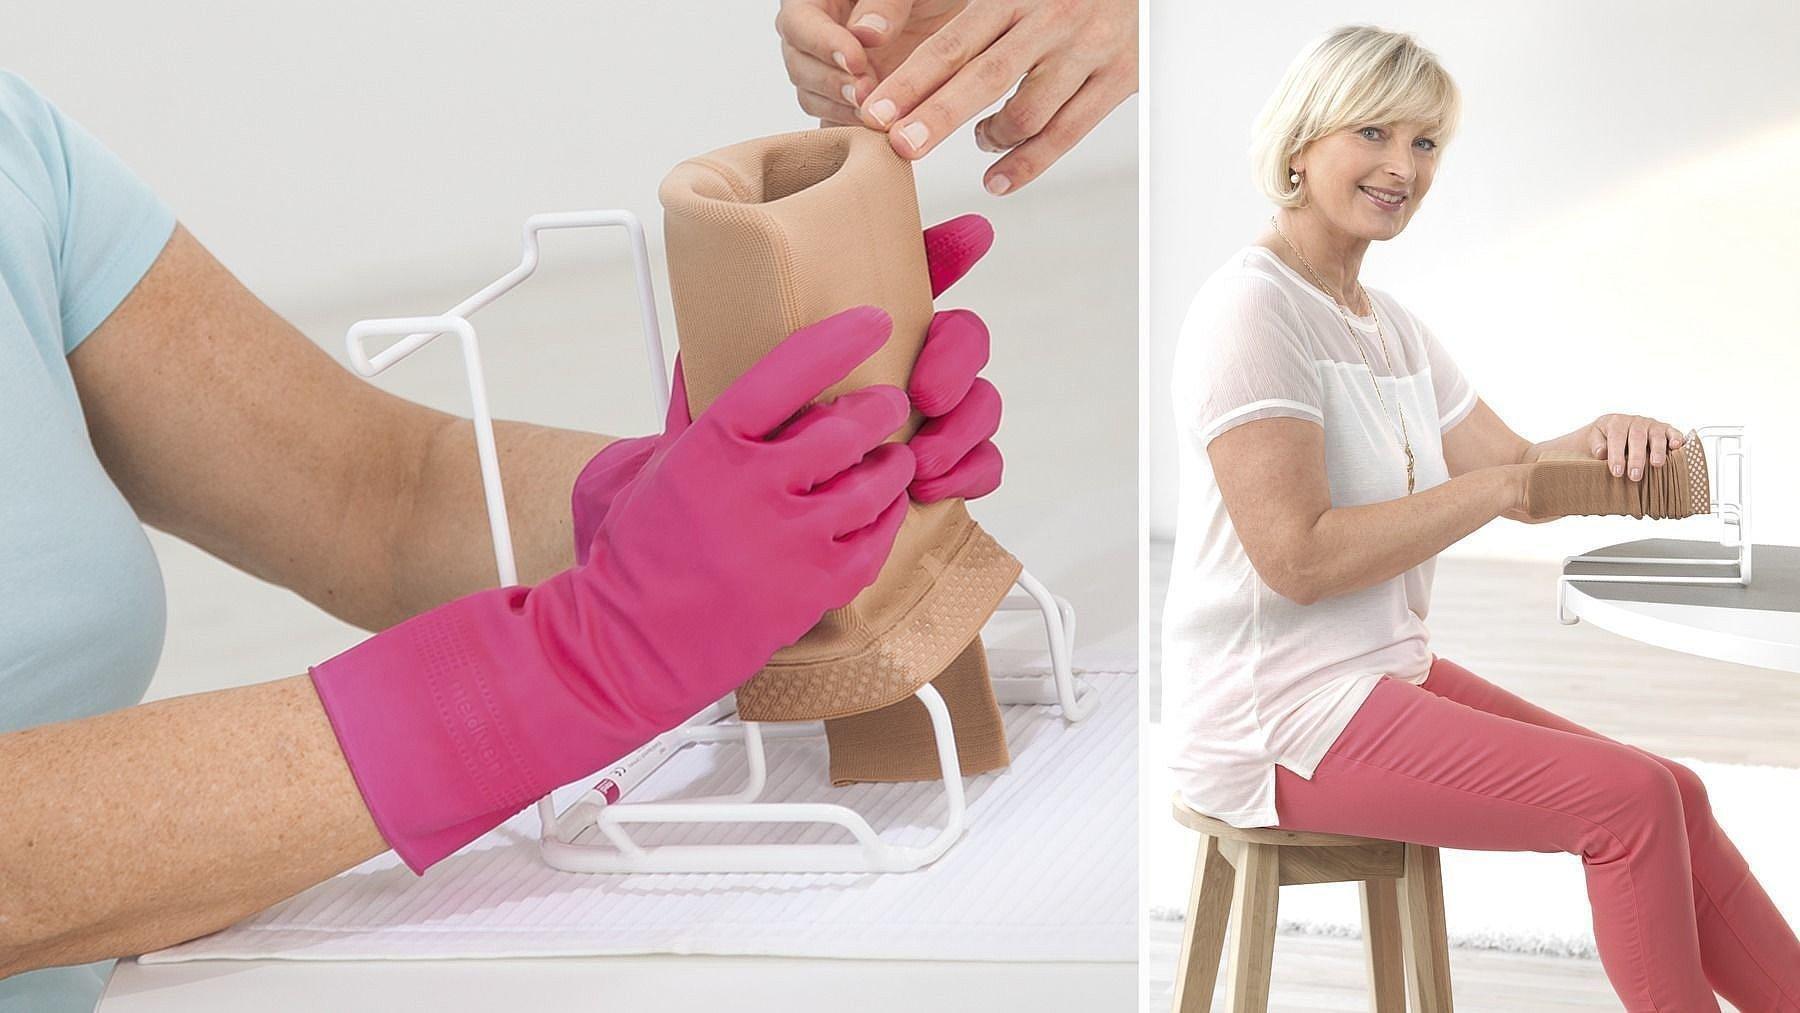 Аксессуары Вспомогательное приспособление medi Arm Butler - для рукавов csm_medi-butler-arm-donning-aid-compression-stockings-arm-m-74938_019d24853c.jpg